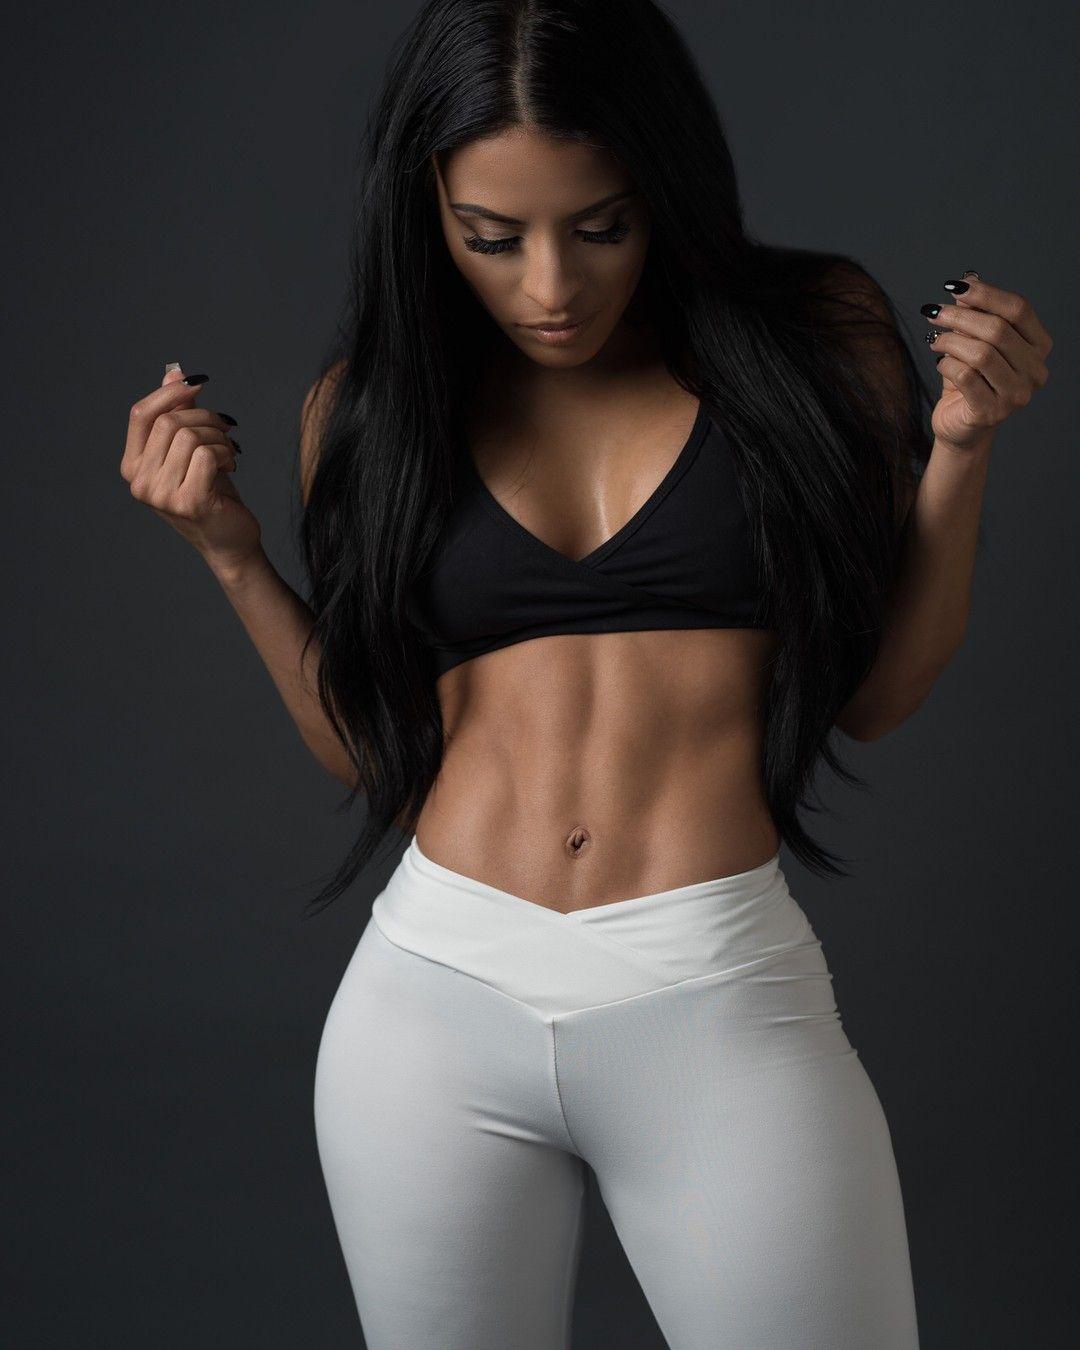 Zelina Vega   VEGA   Wrestling divas, Wwe girls, Wwe divas